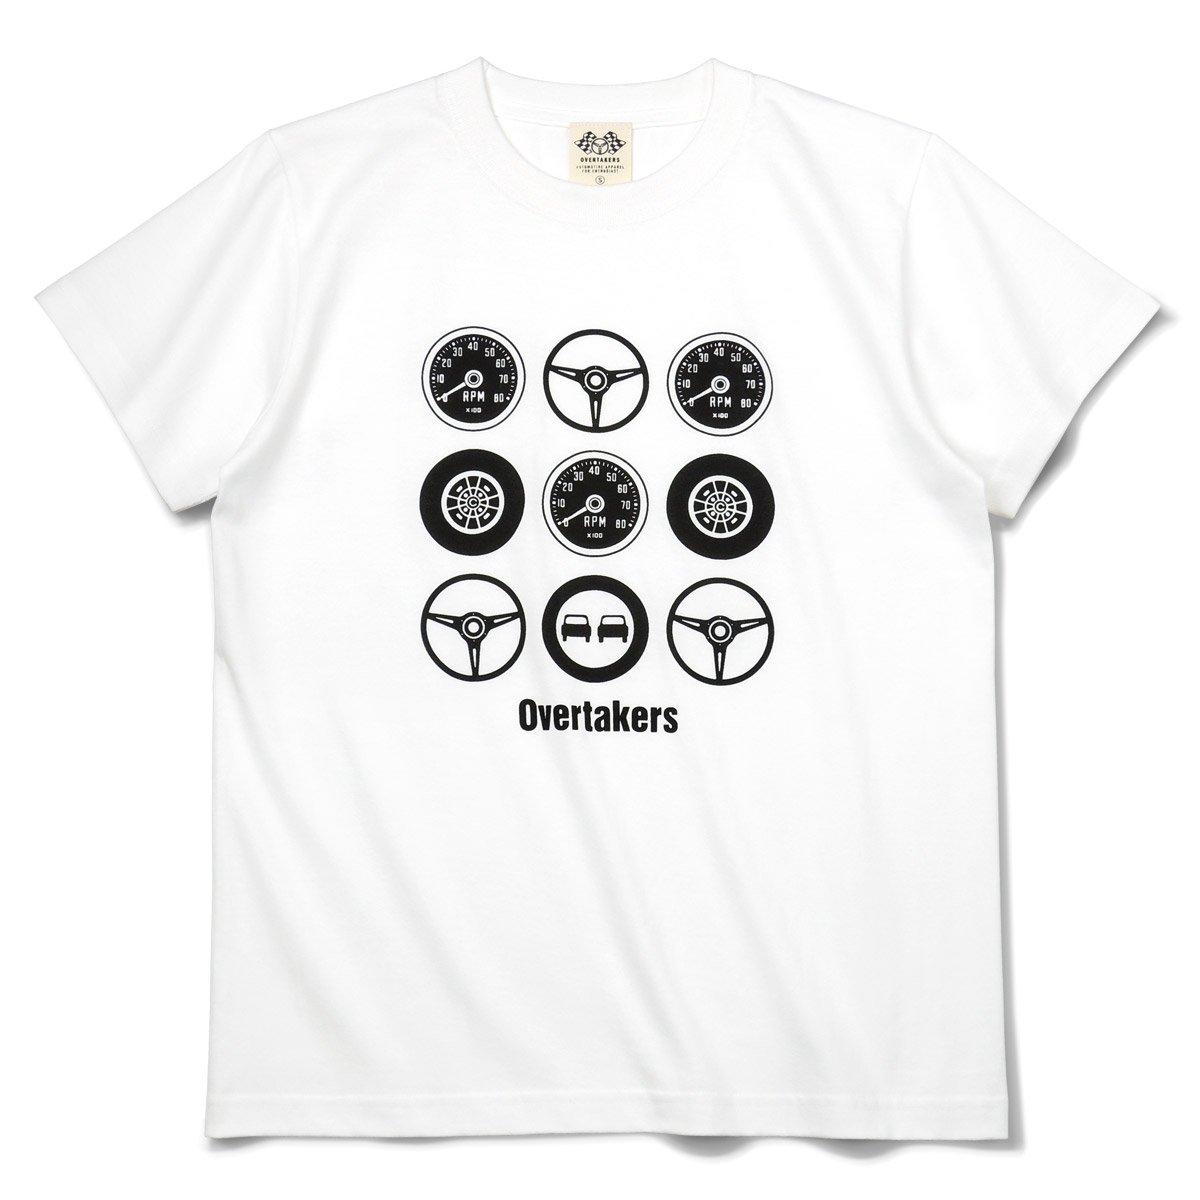 オーバーテイカーズのモーター系 CIRCLE 9 Tシャツ